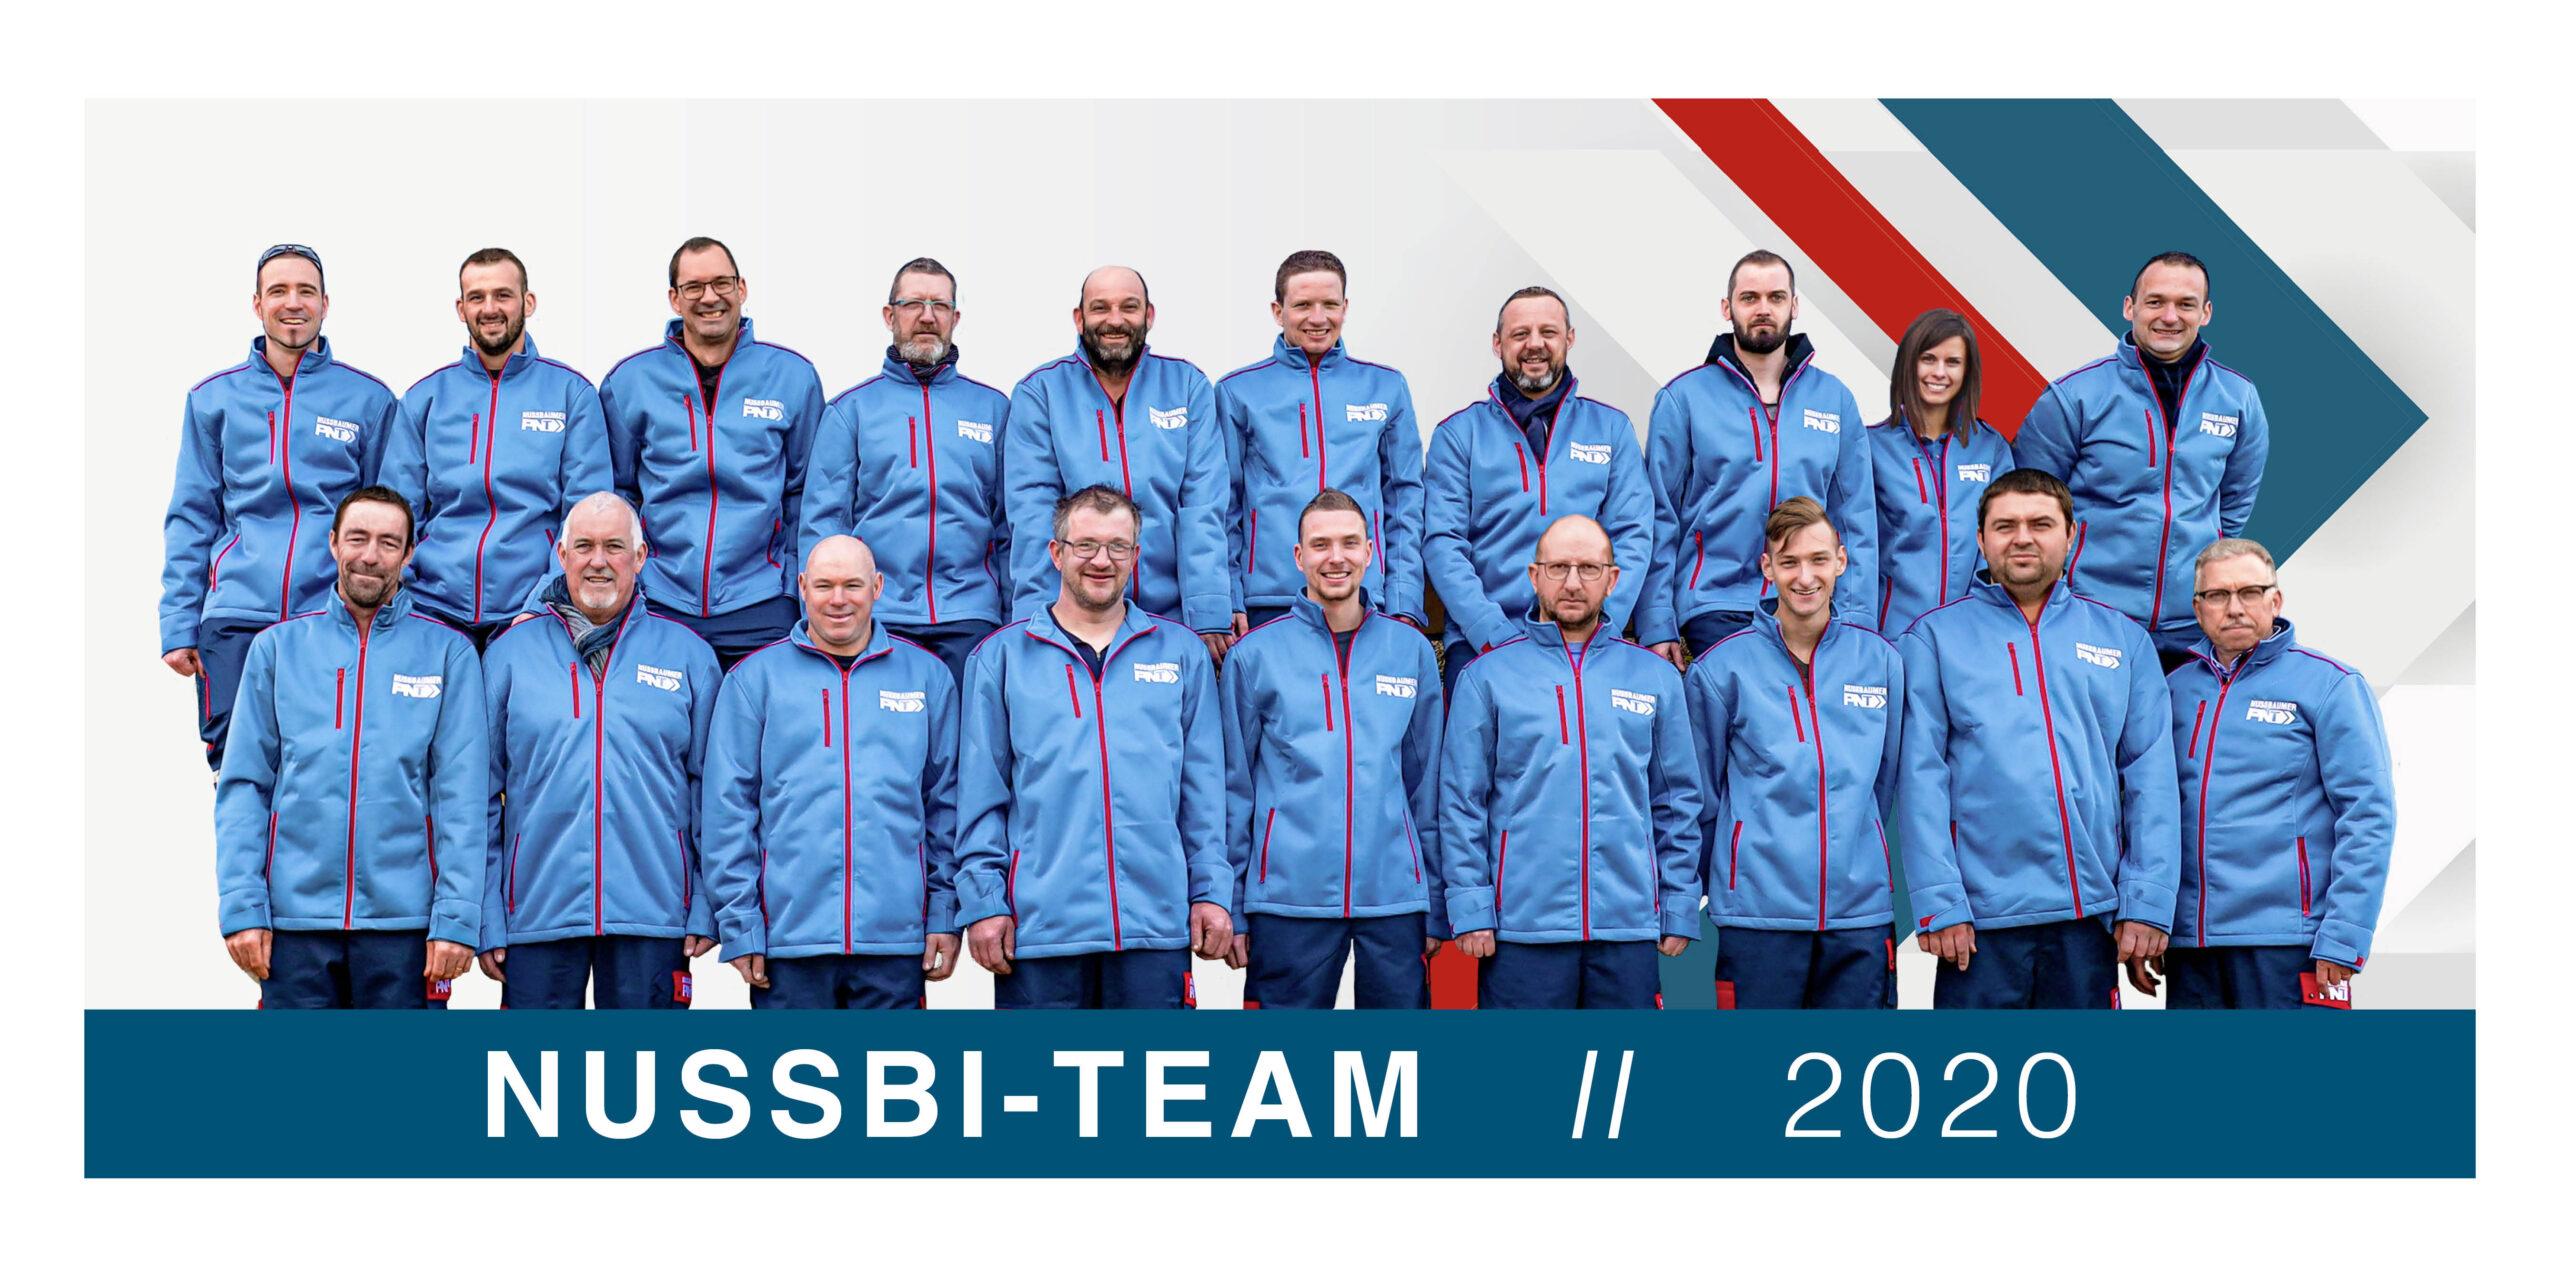 Nussbi Team